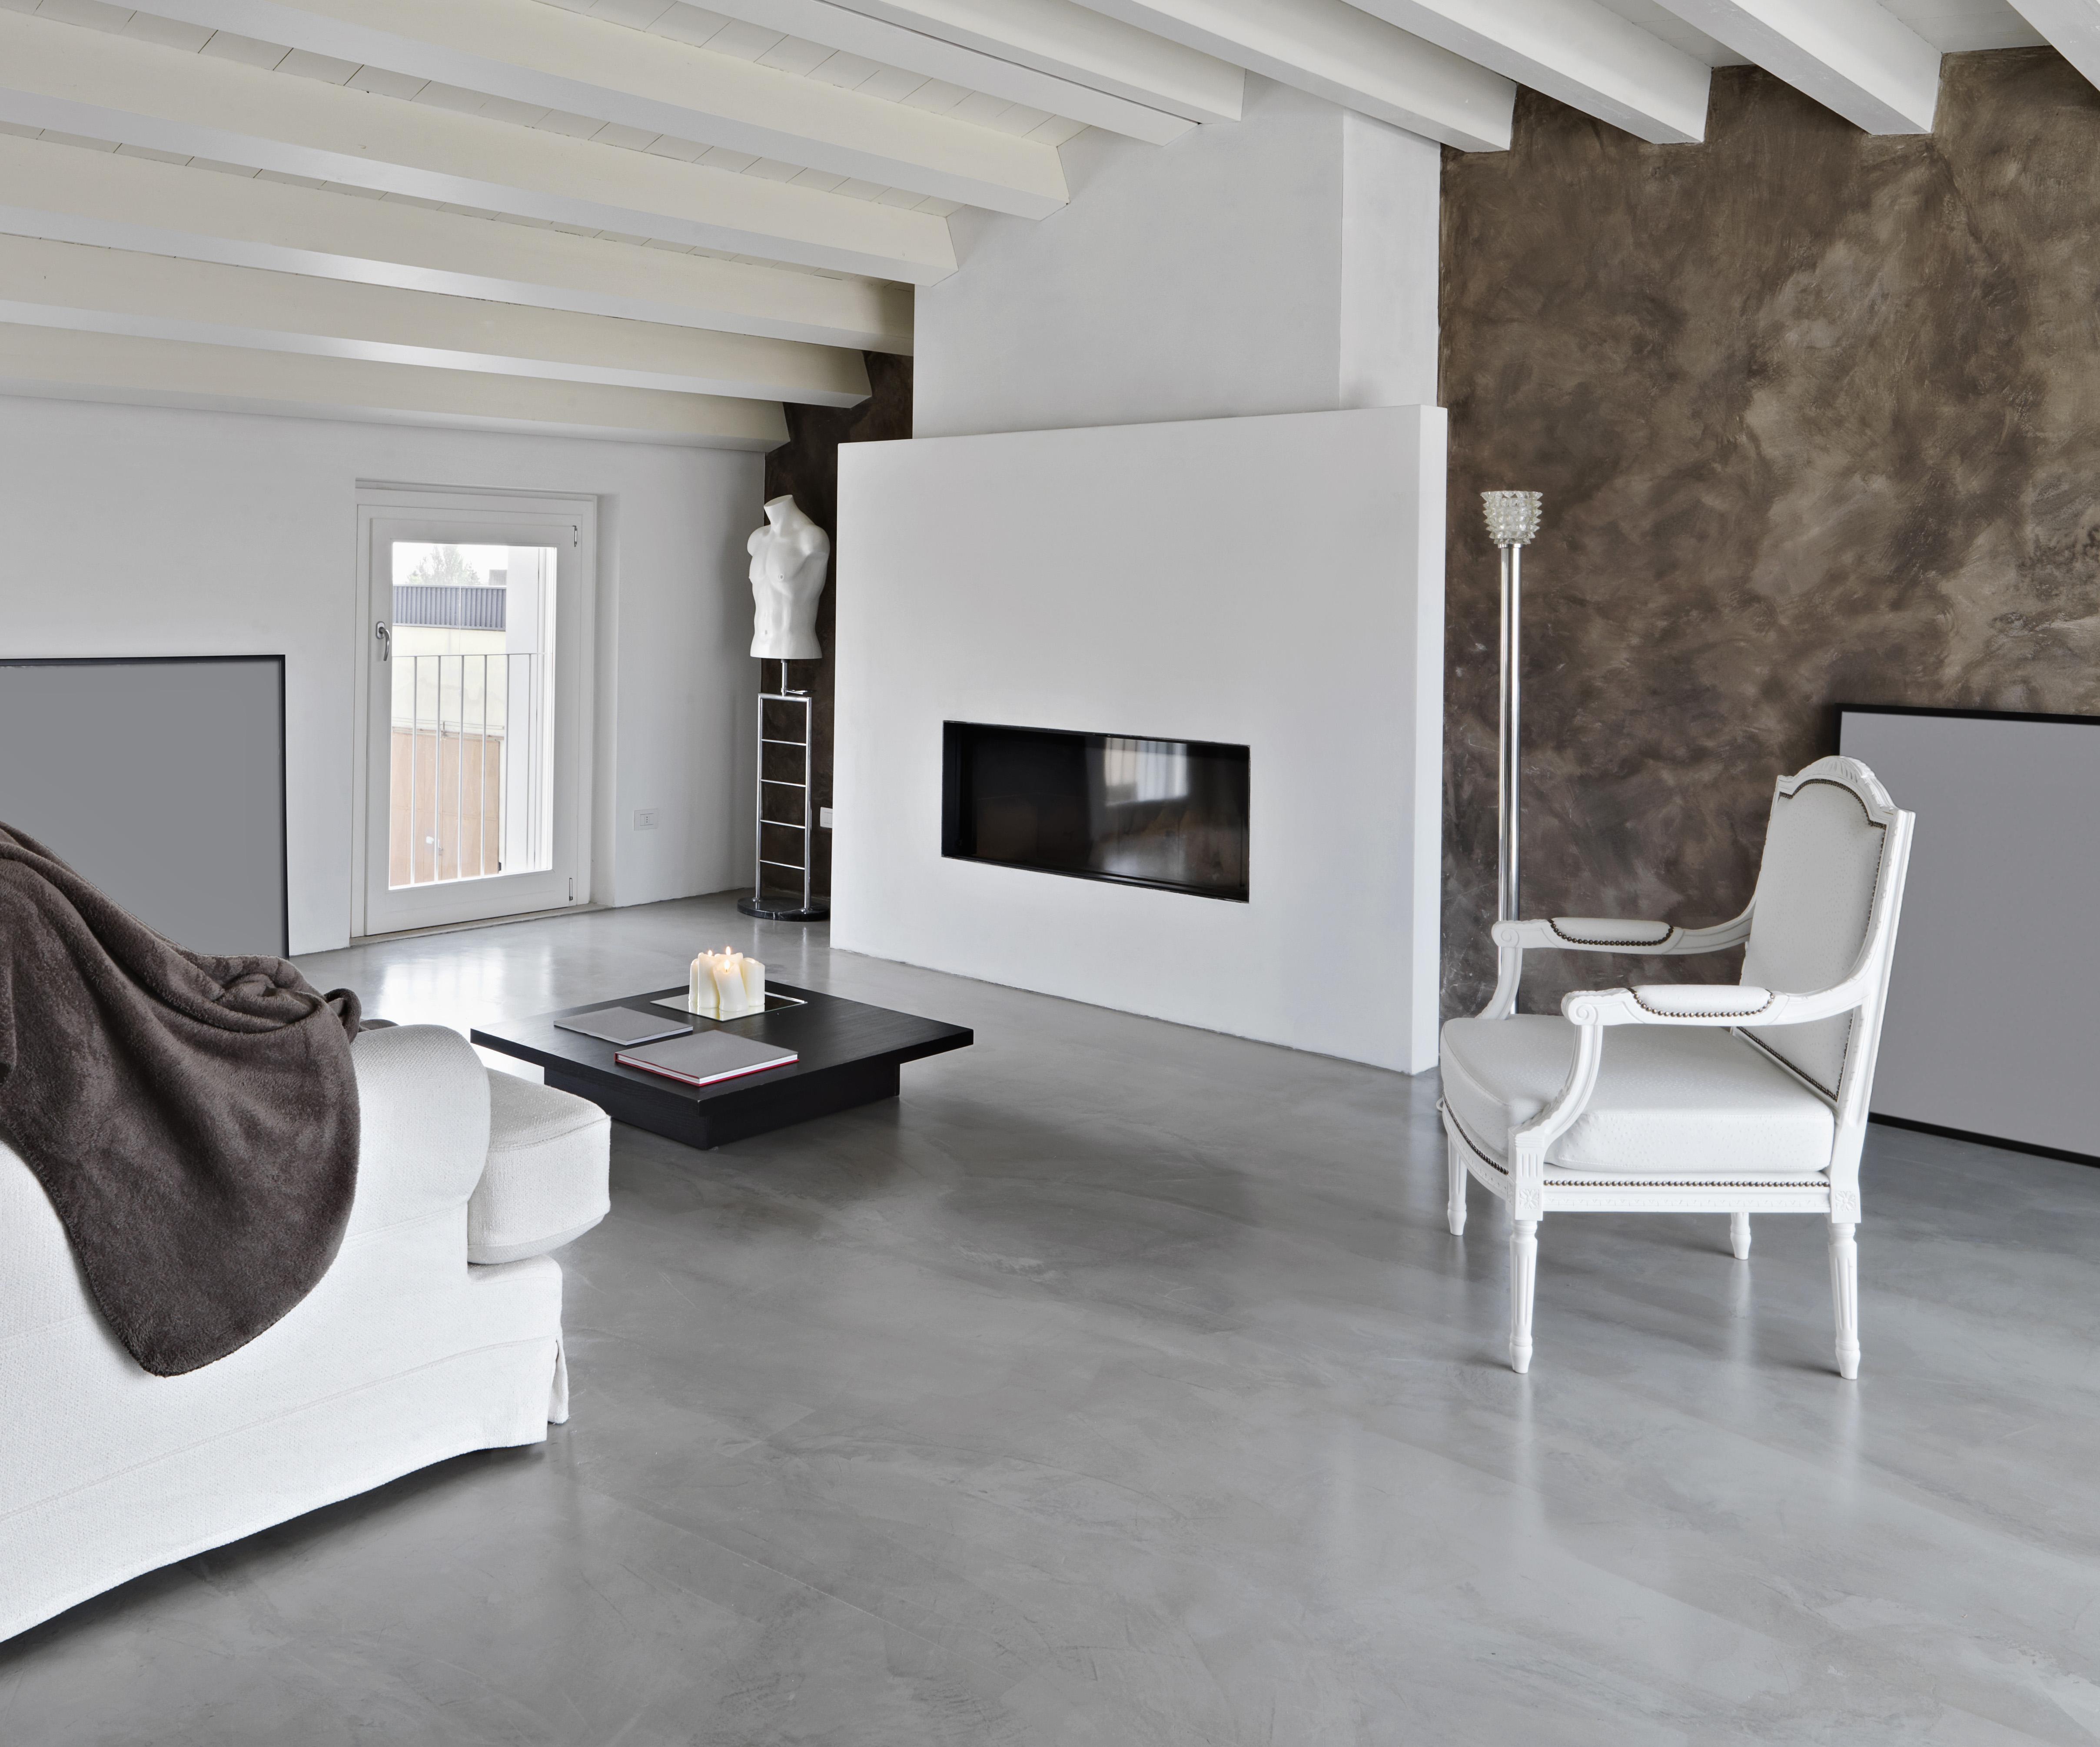 Stunning Slaapkamer Vloer Images - Moderne huis - clientstat.us